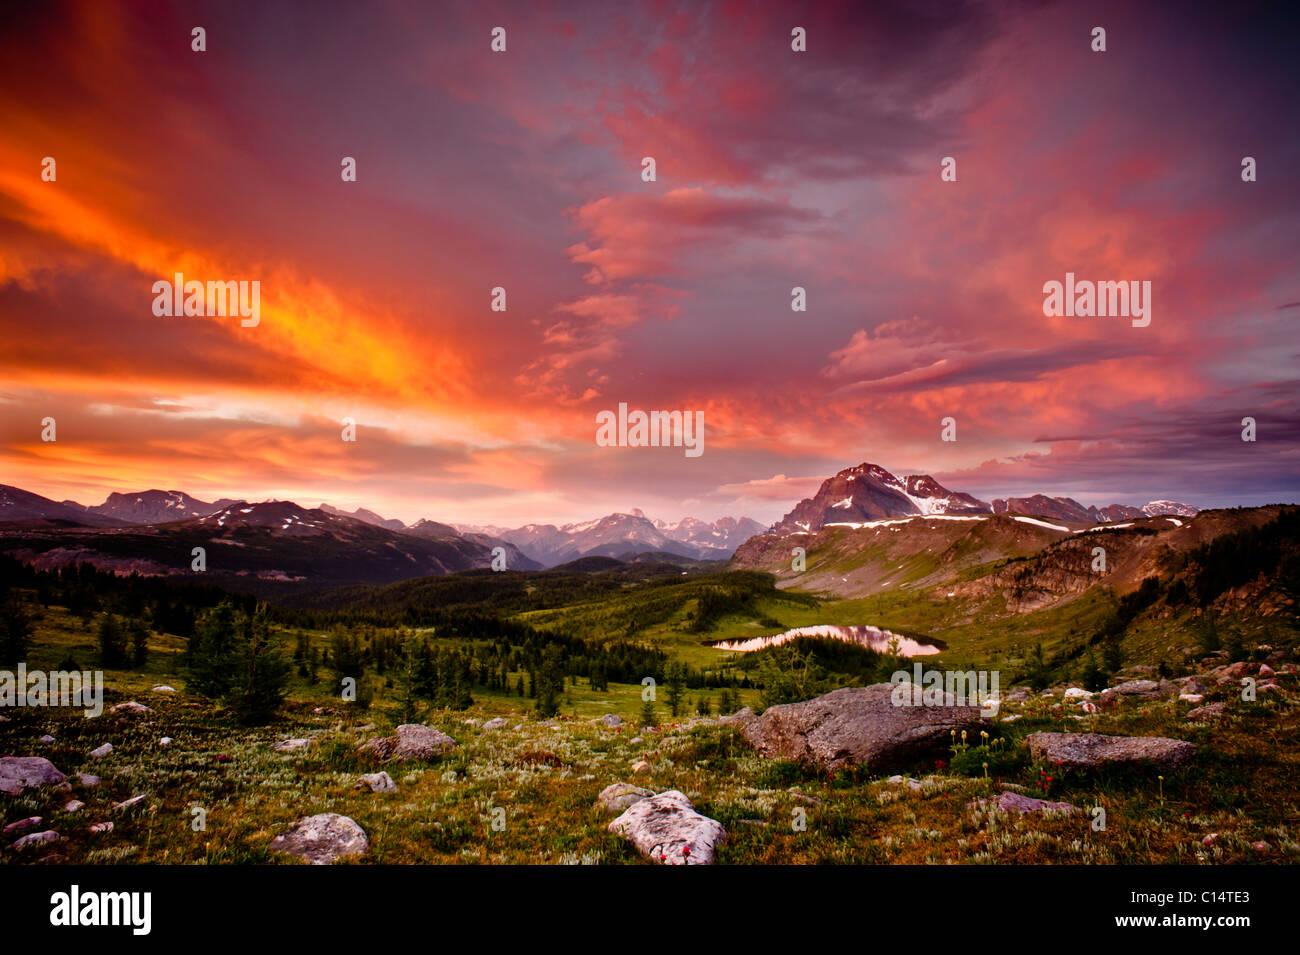 Lever du soleil à partir d'une crête surplombant une vallée de montagne. Le parc national Banff, Photo Stock